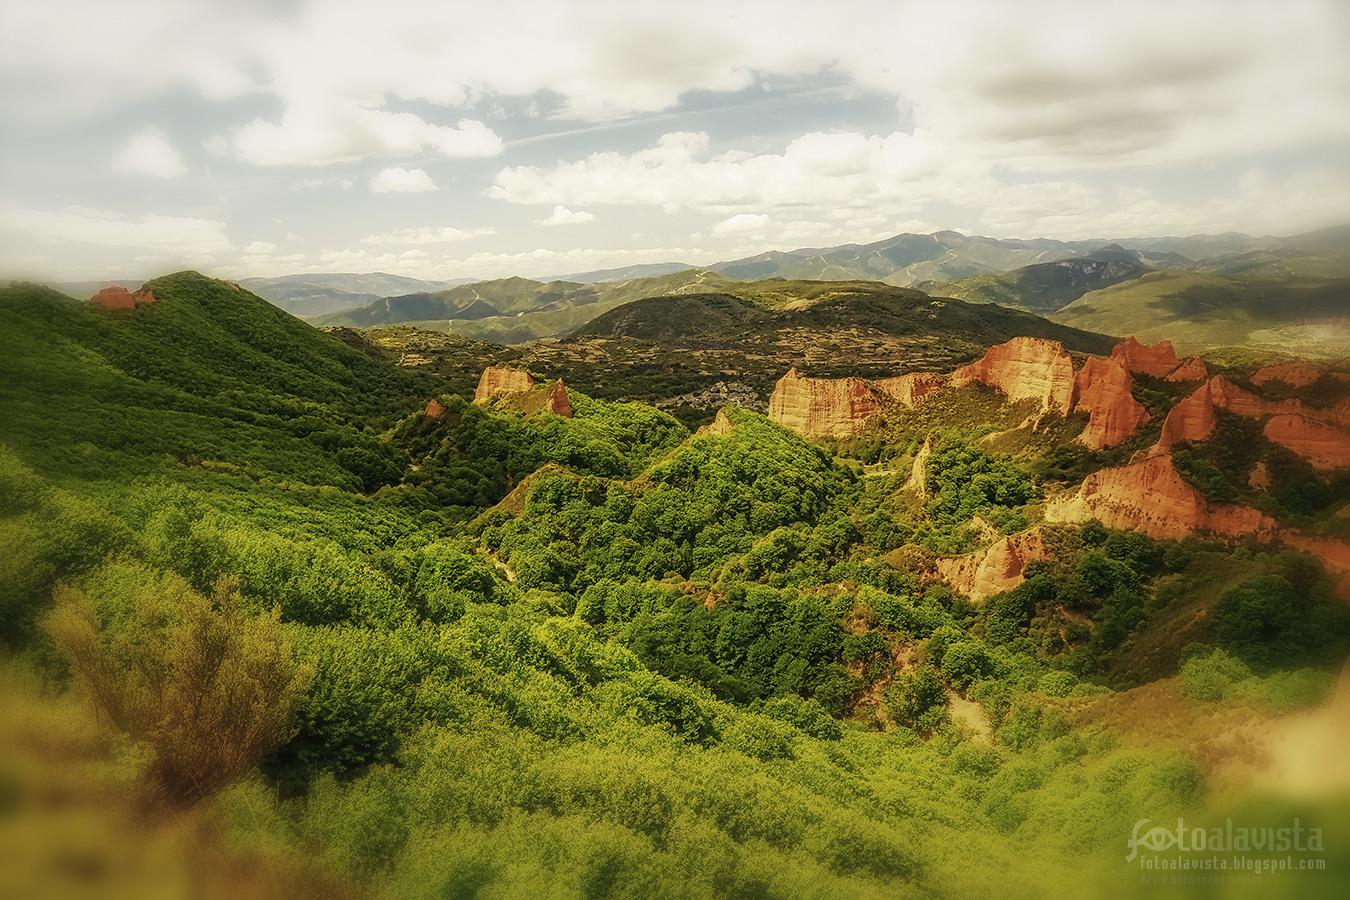 Montañas de ensueño - Fotografía